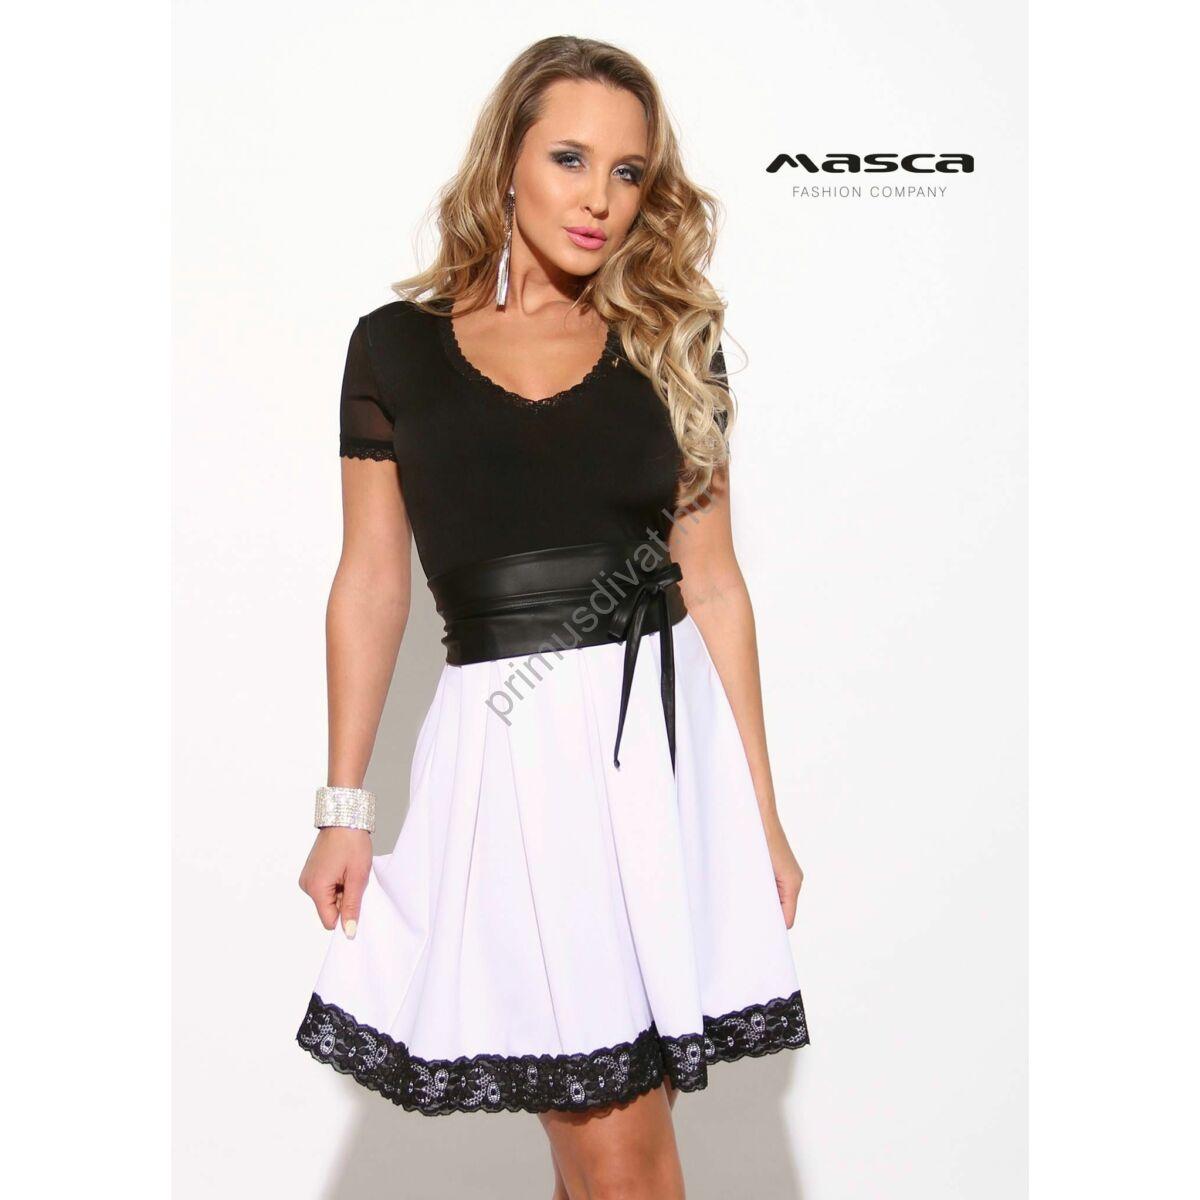 df9eb9131 Masca Fashion loknis csipkeszegélyes szoknyarészű, rövid muszlin ujjú  fekete-fehér alkalmi ruha, megkötős műbőr övvel - Mf906-43